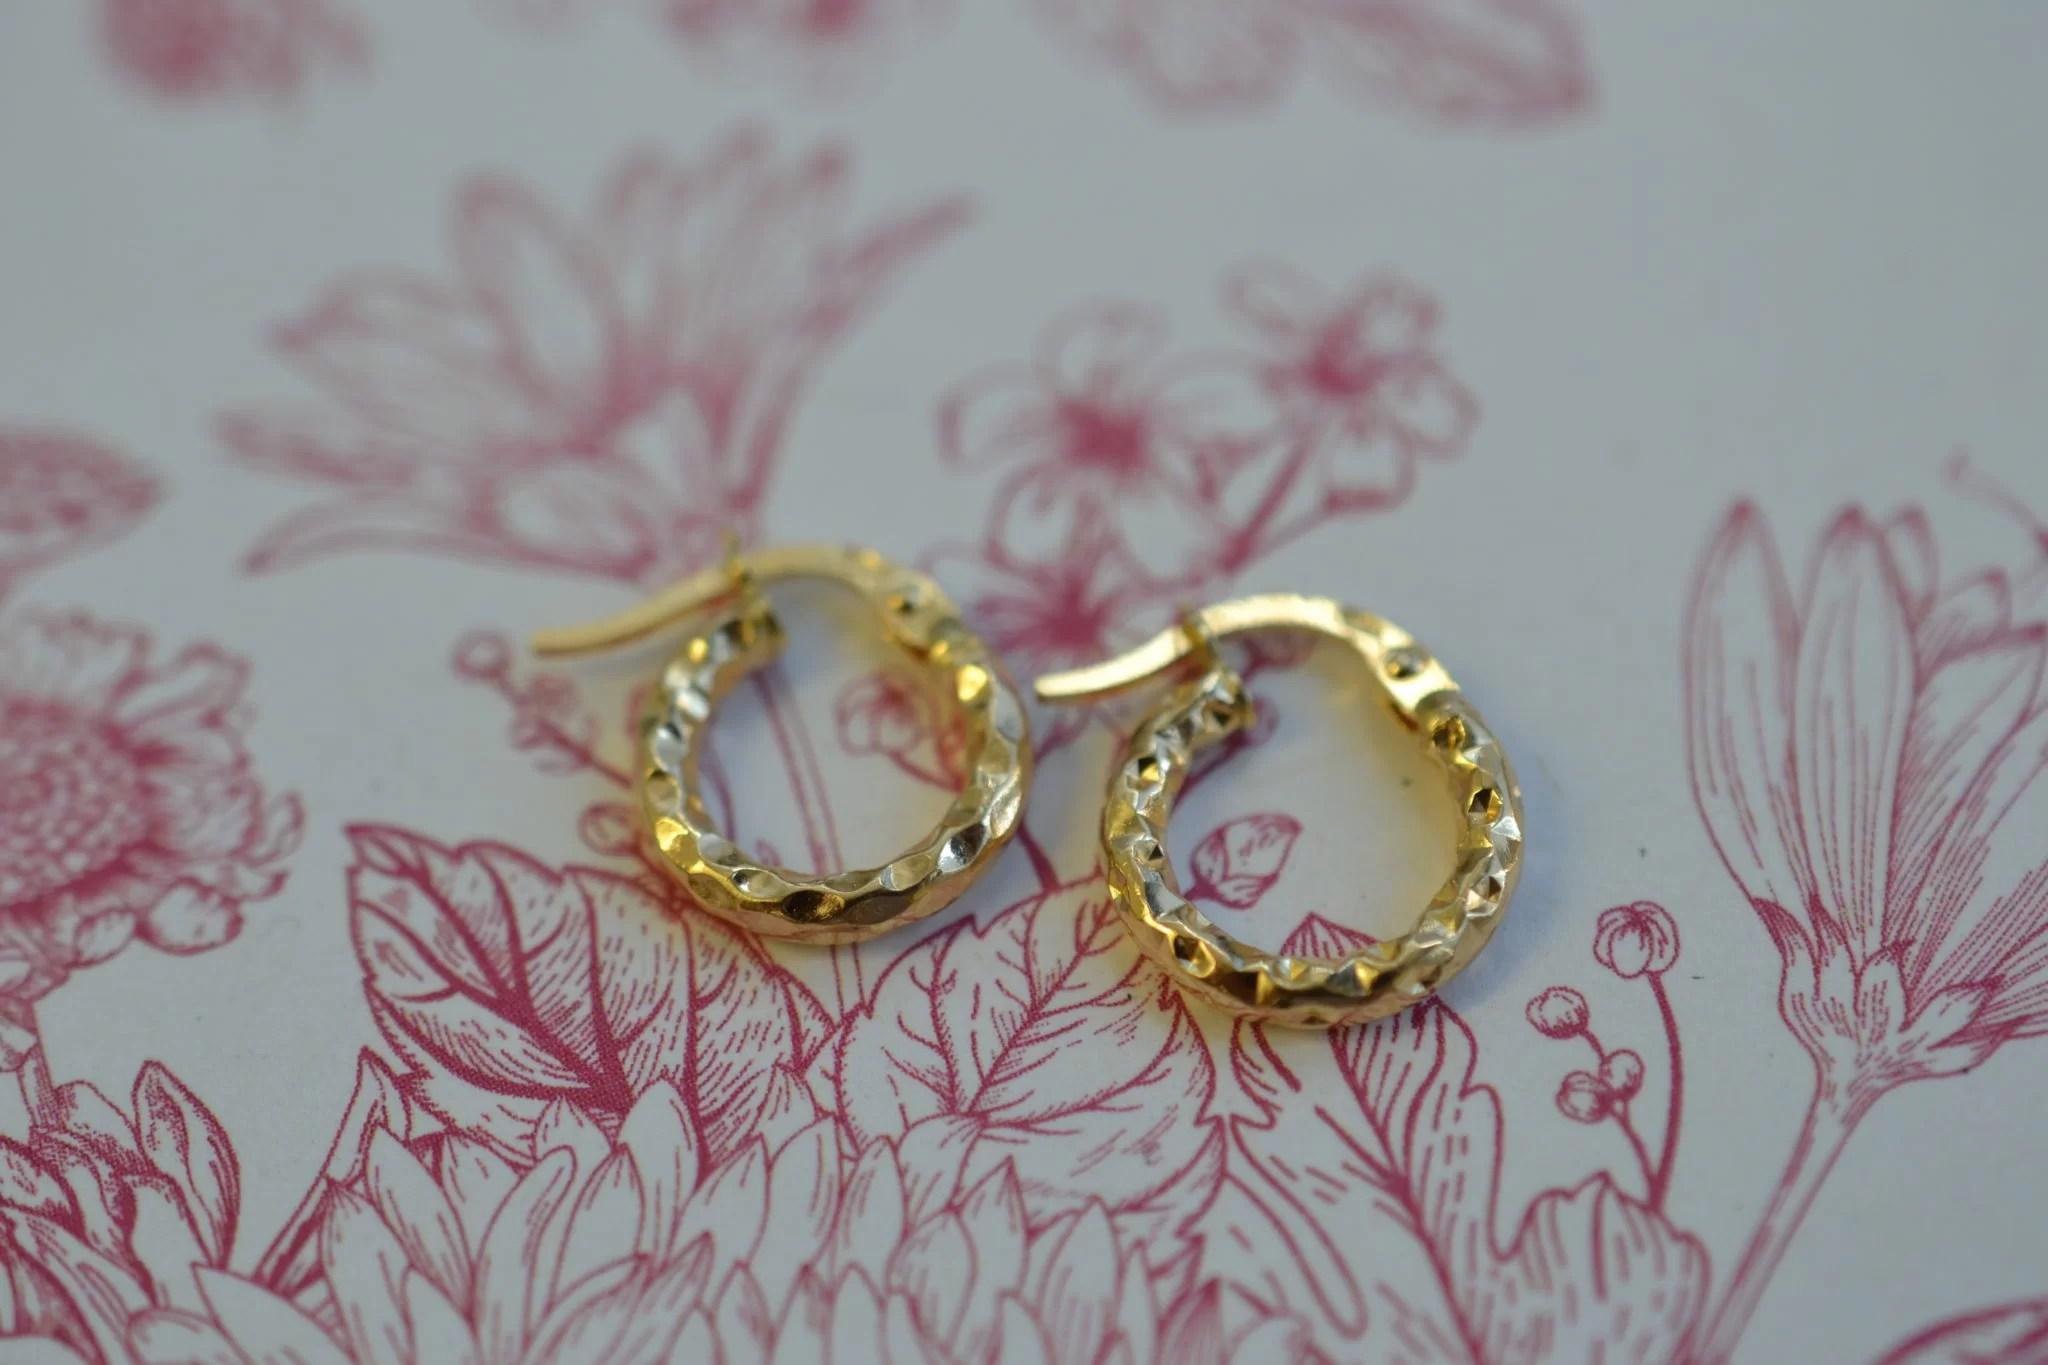 petites boucles d'oreilles anciennes en Or - petites créoles - Bijoux seconde main en or